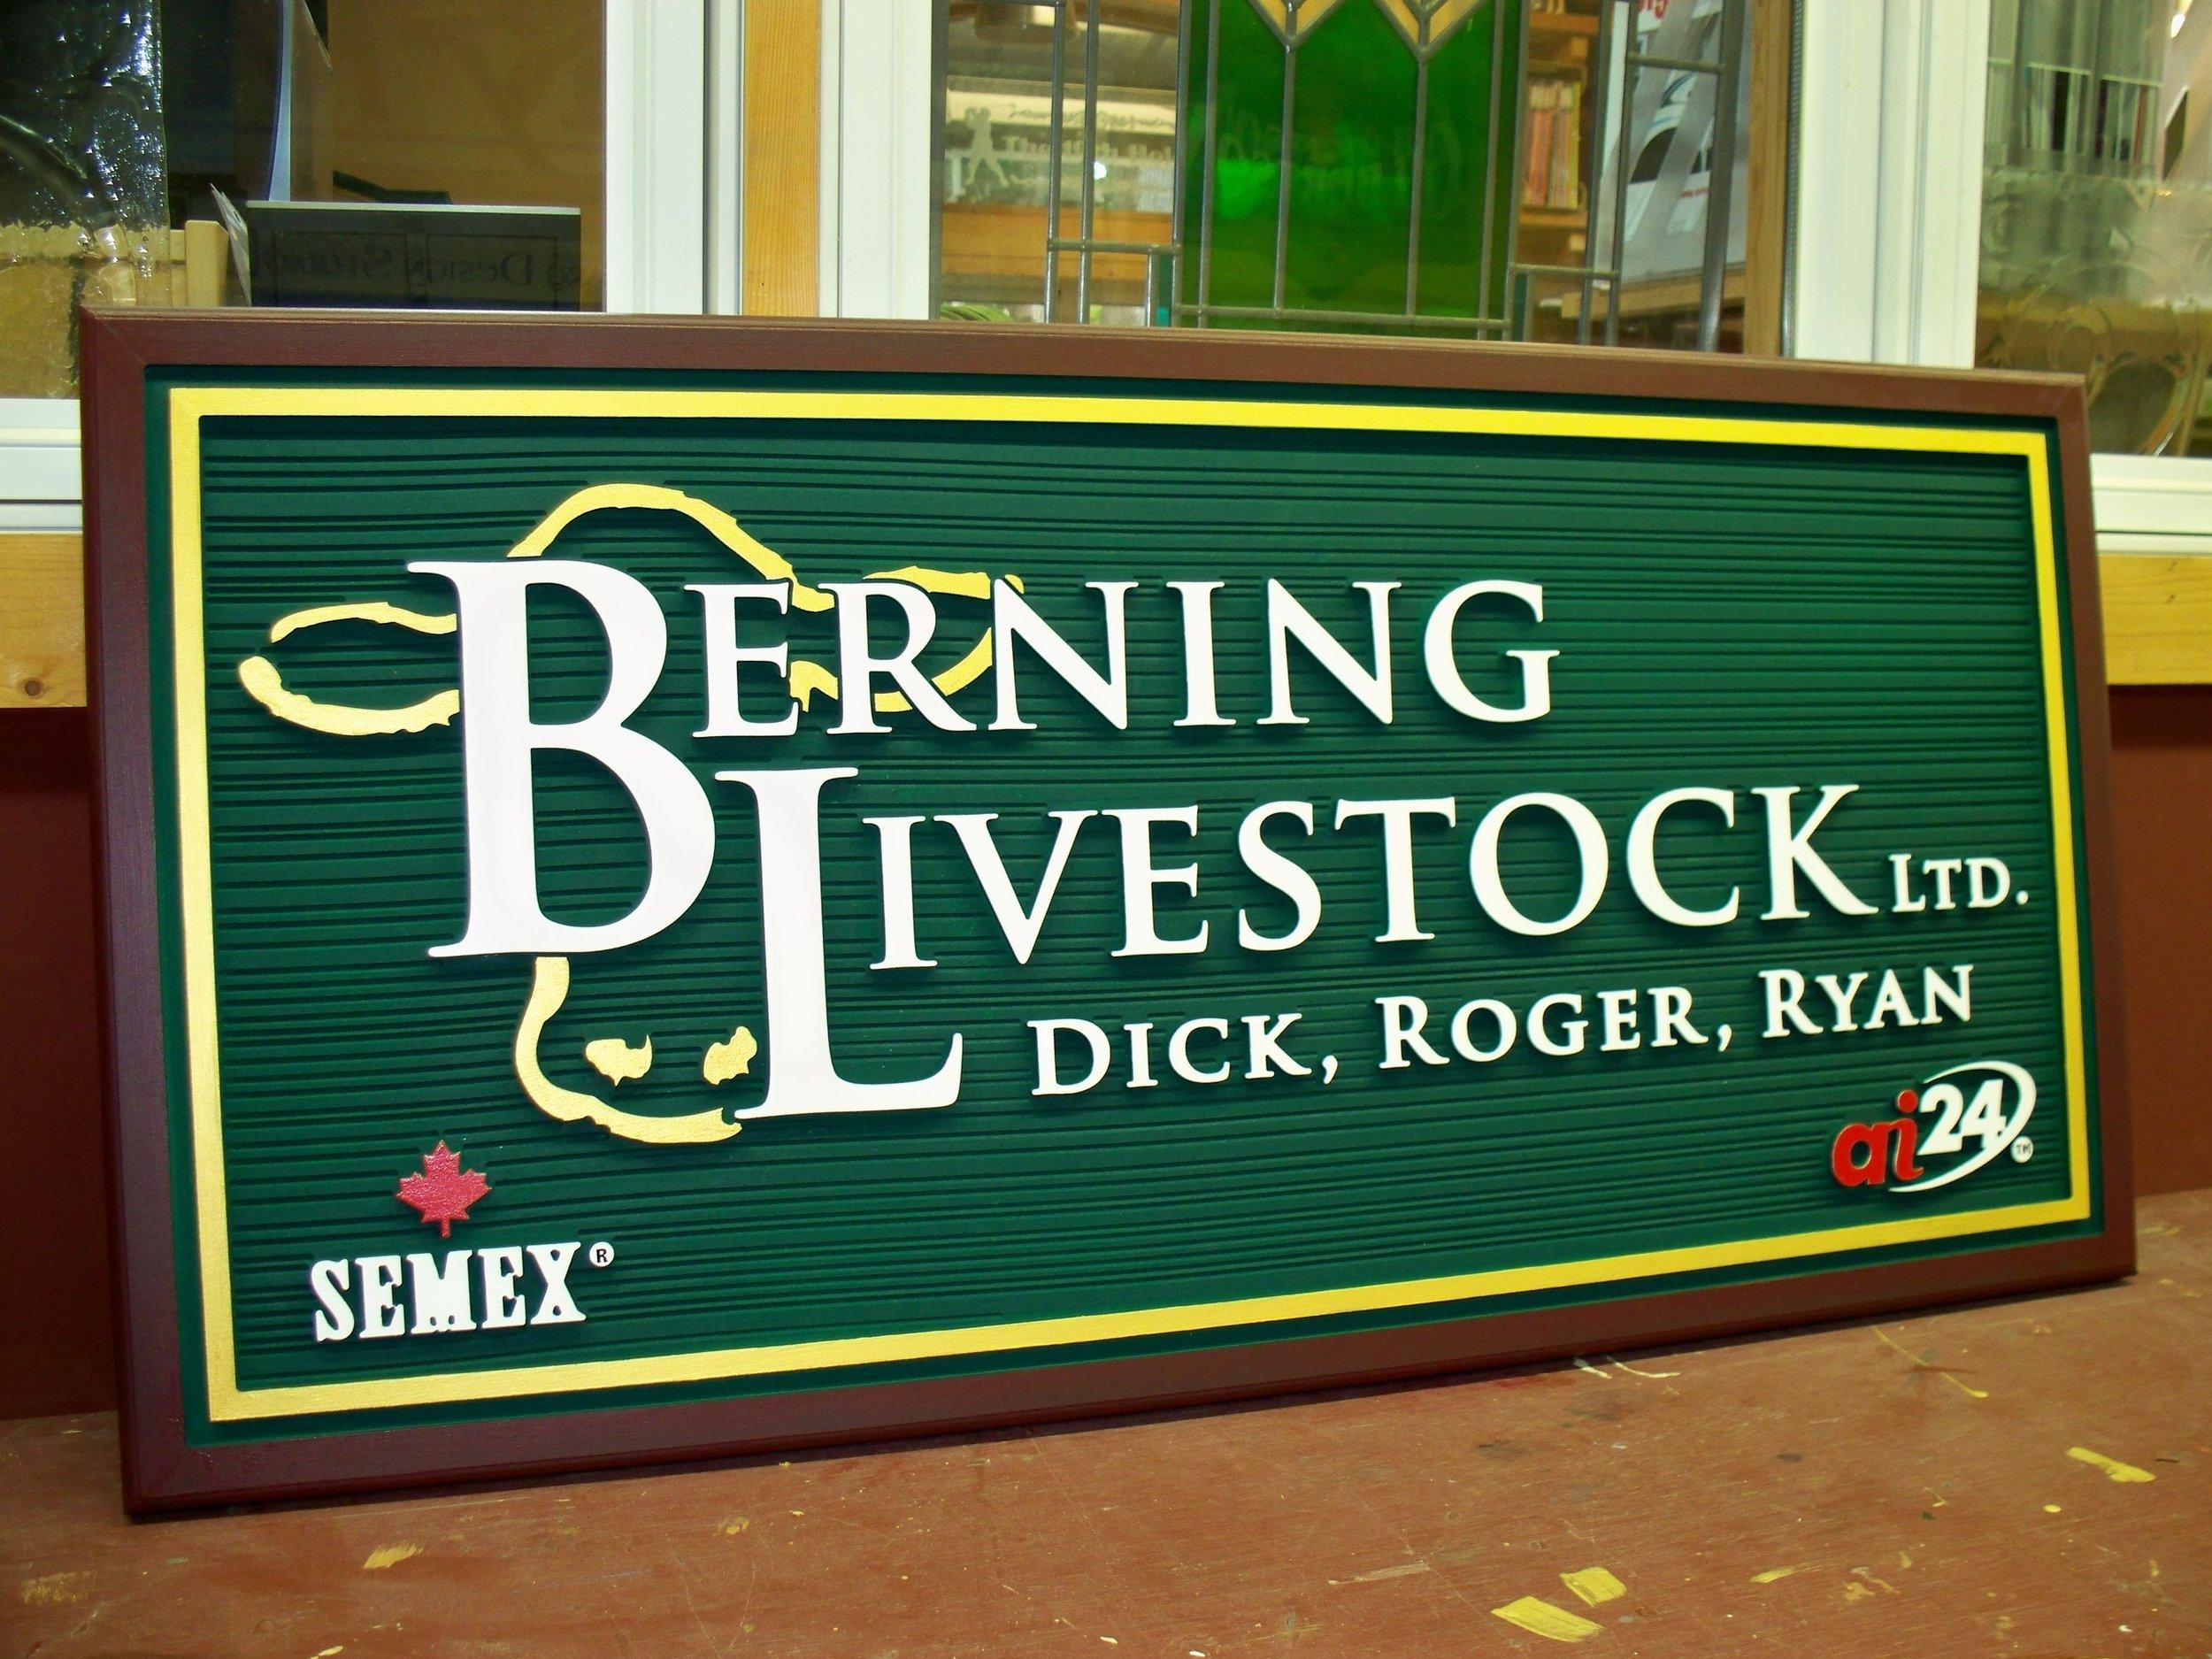 farm_berning_livestock.jpg